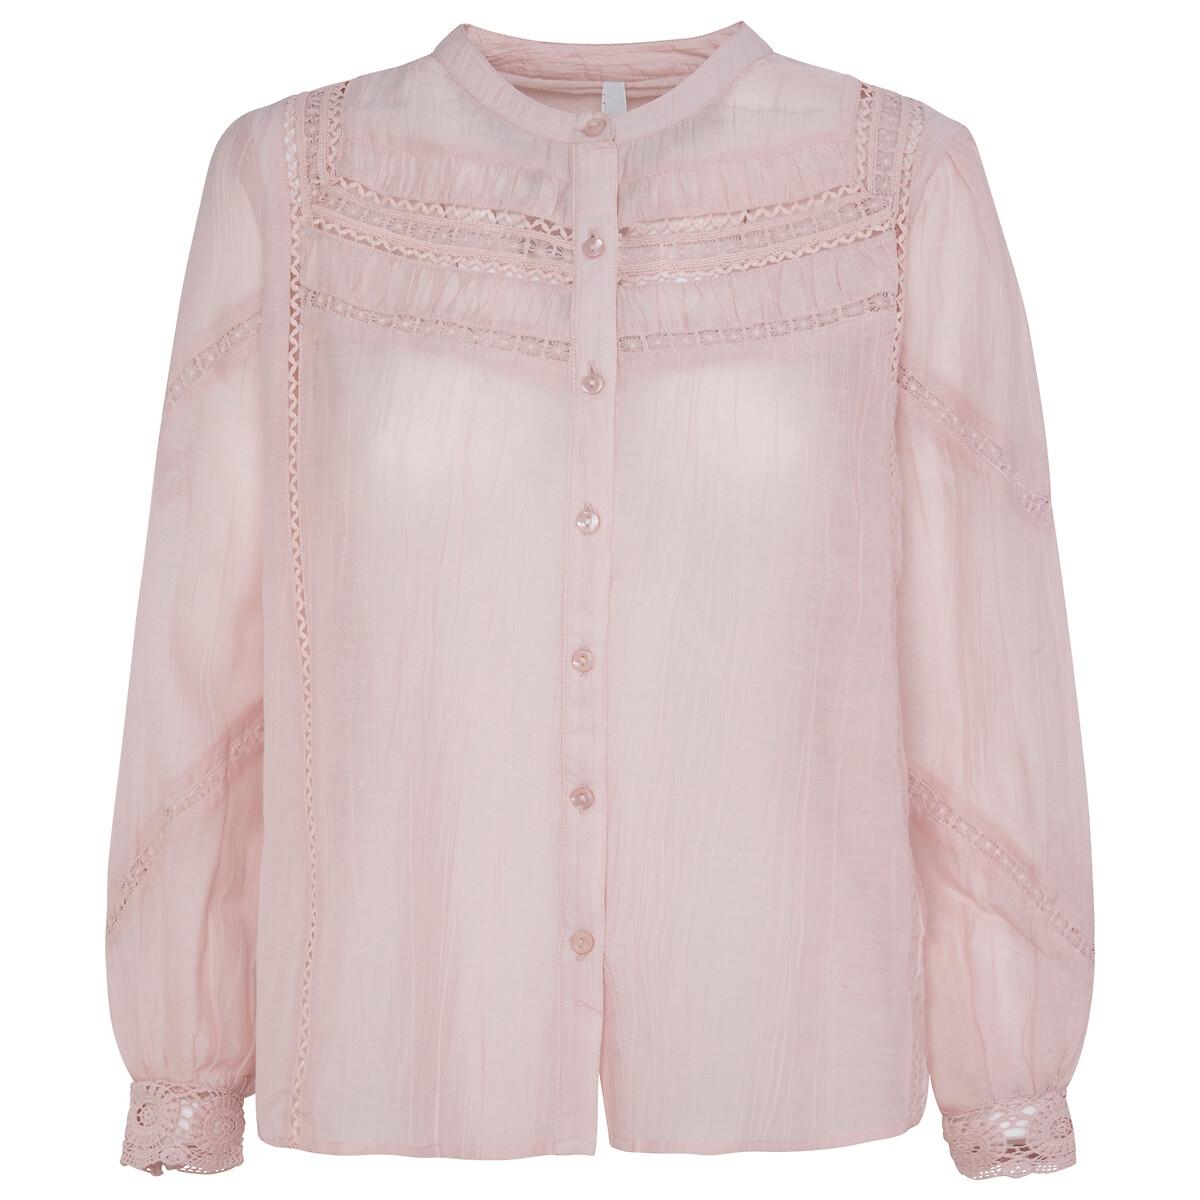 Blusa abotonada con detalles bordados